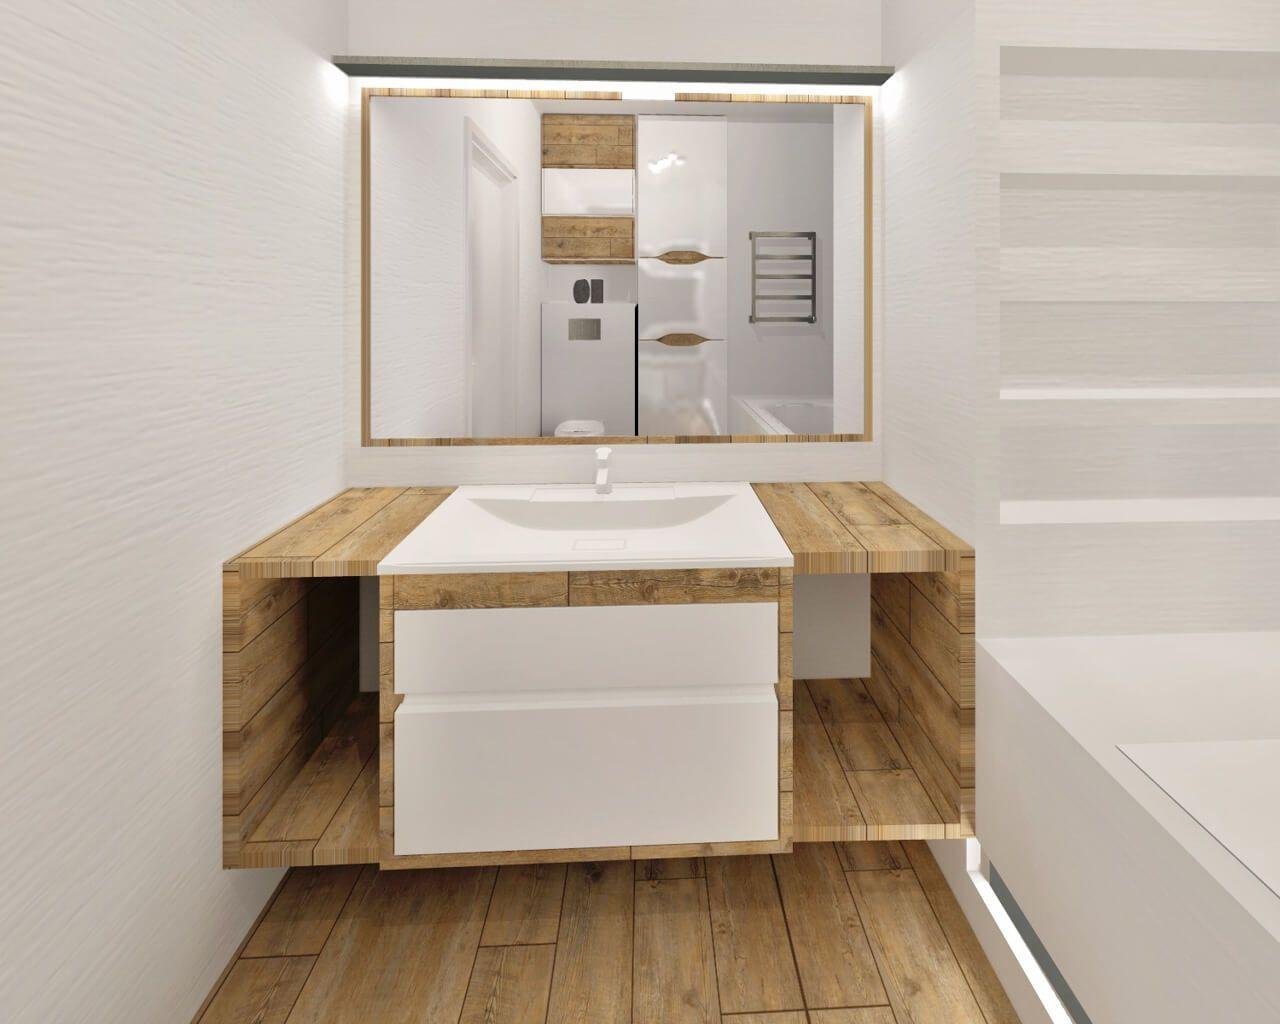 Gładka I Strukturalna Biel Oraz Drewno W Jasnej łazience